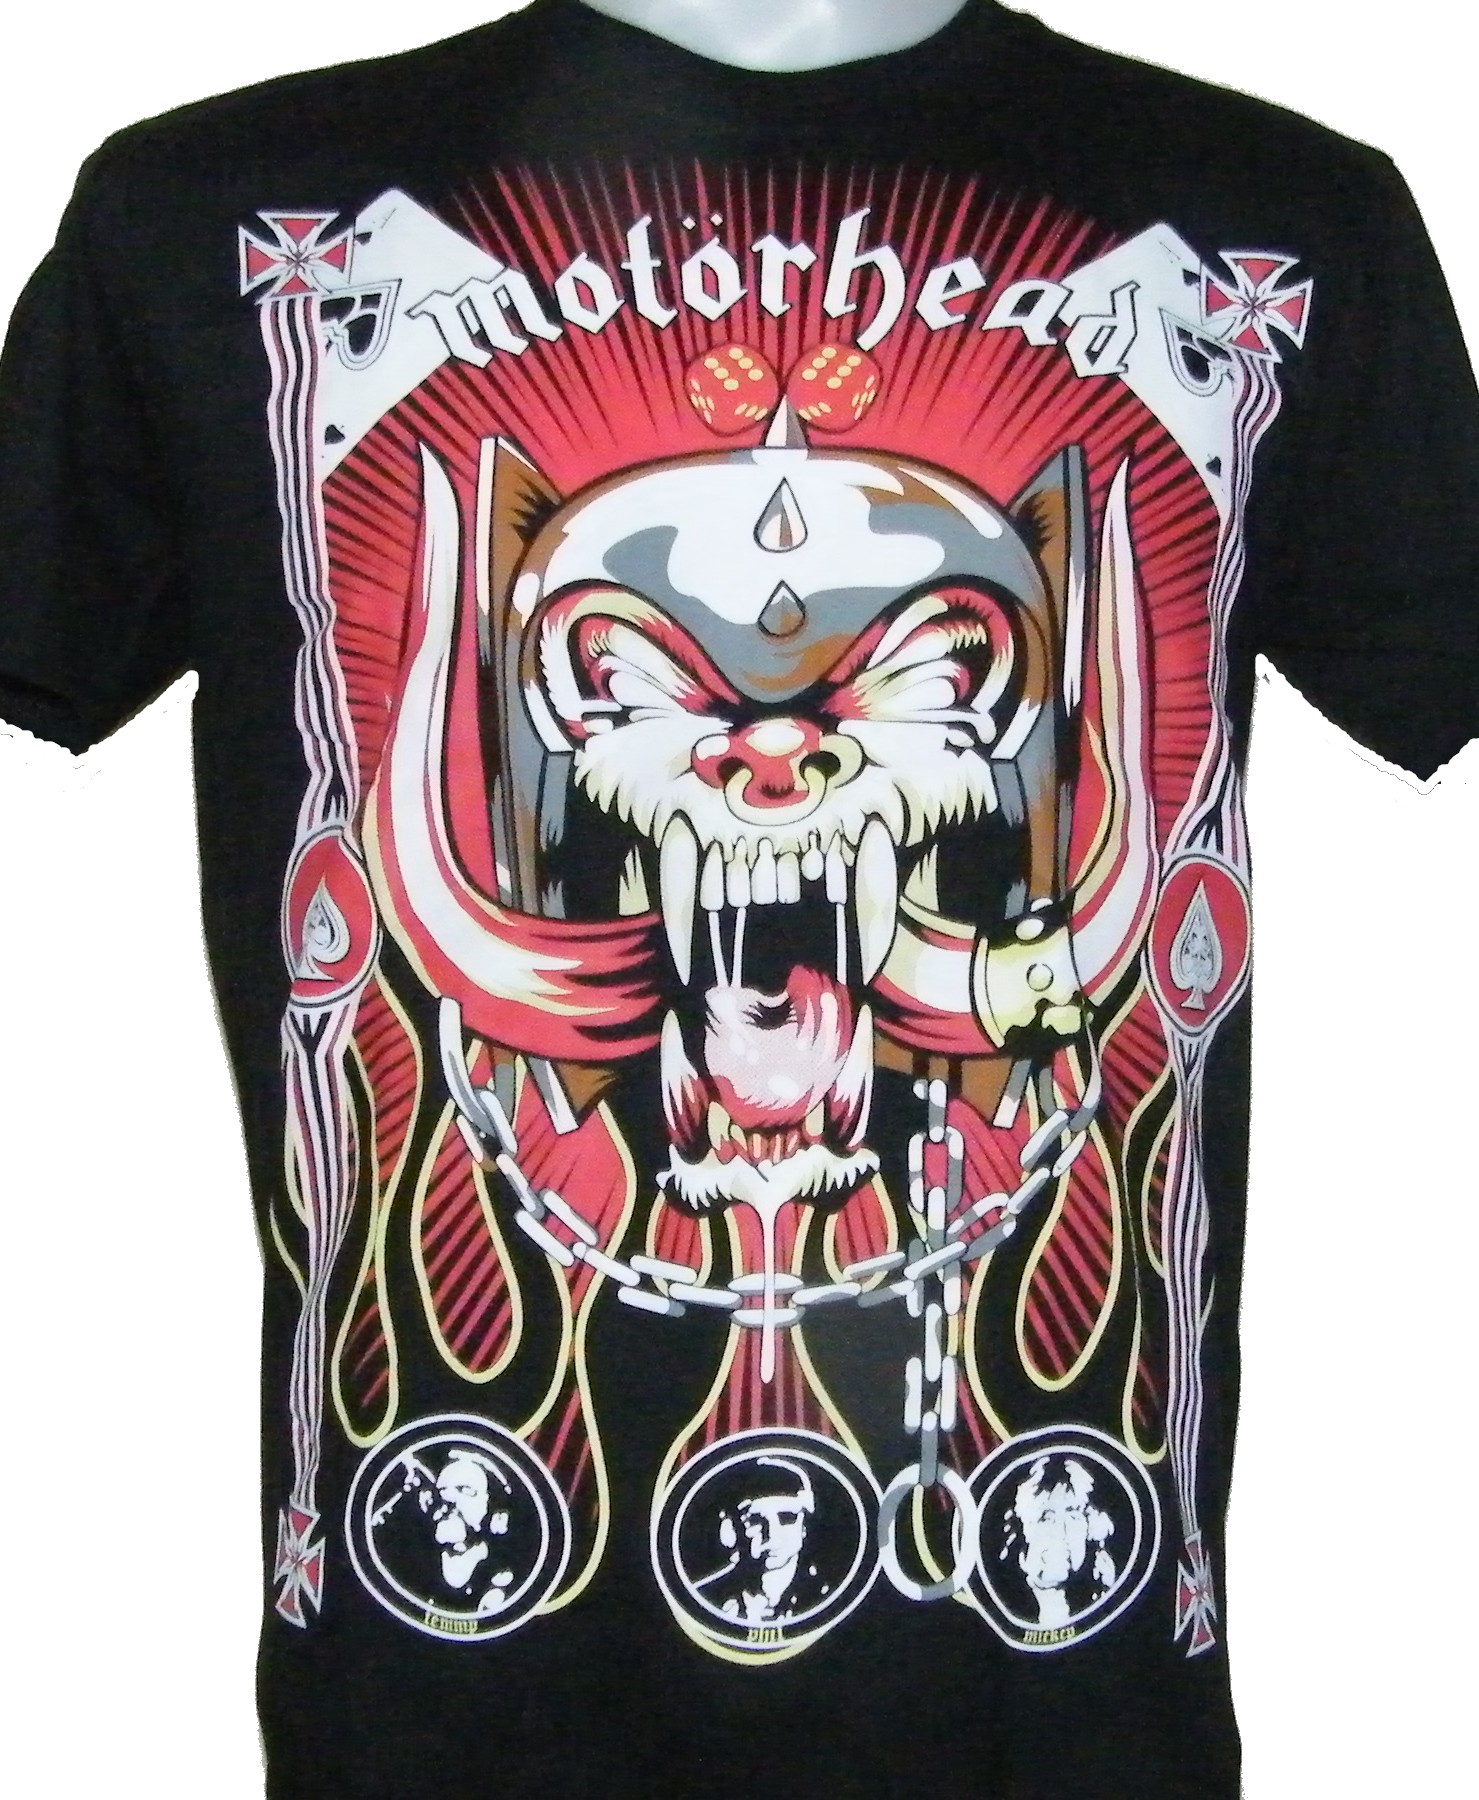 eee7d48334f3 Motorhead t-shirt size XL – RoxxBKK